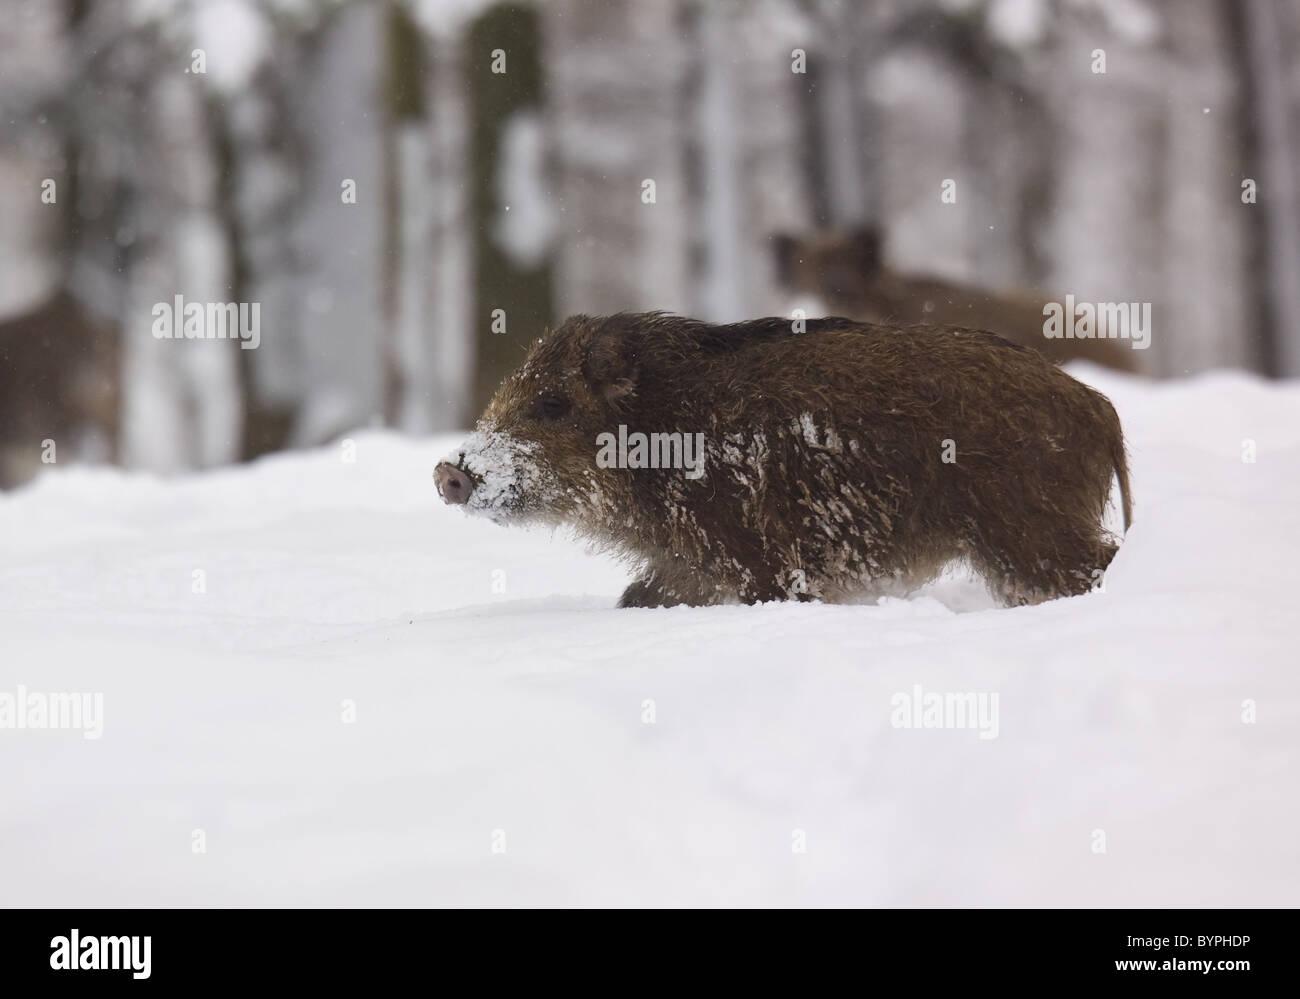 Wildschwein (Sus scrofa) im Winter, Vulkaneifel, Rheinland-Pfalz, Deutschland, Europa - Stock Image